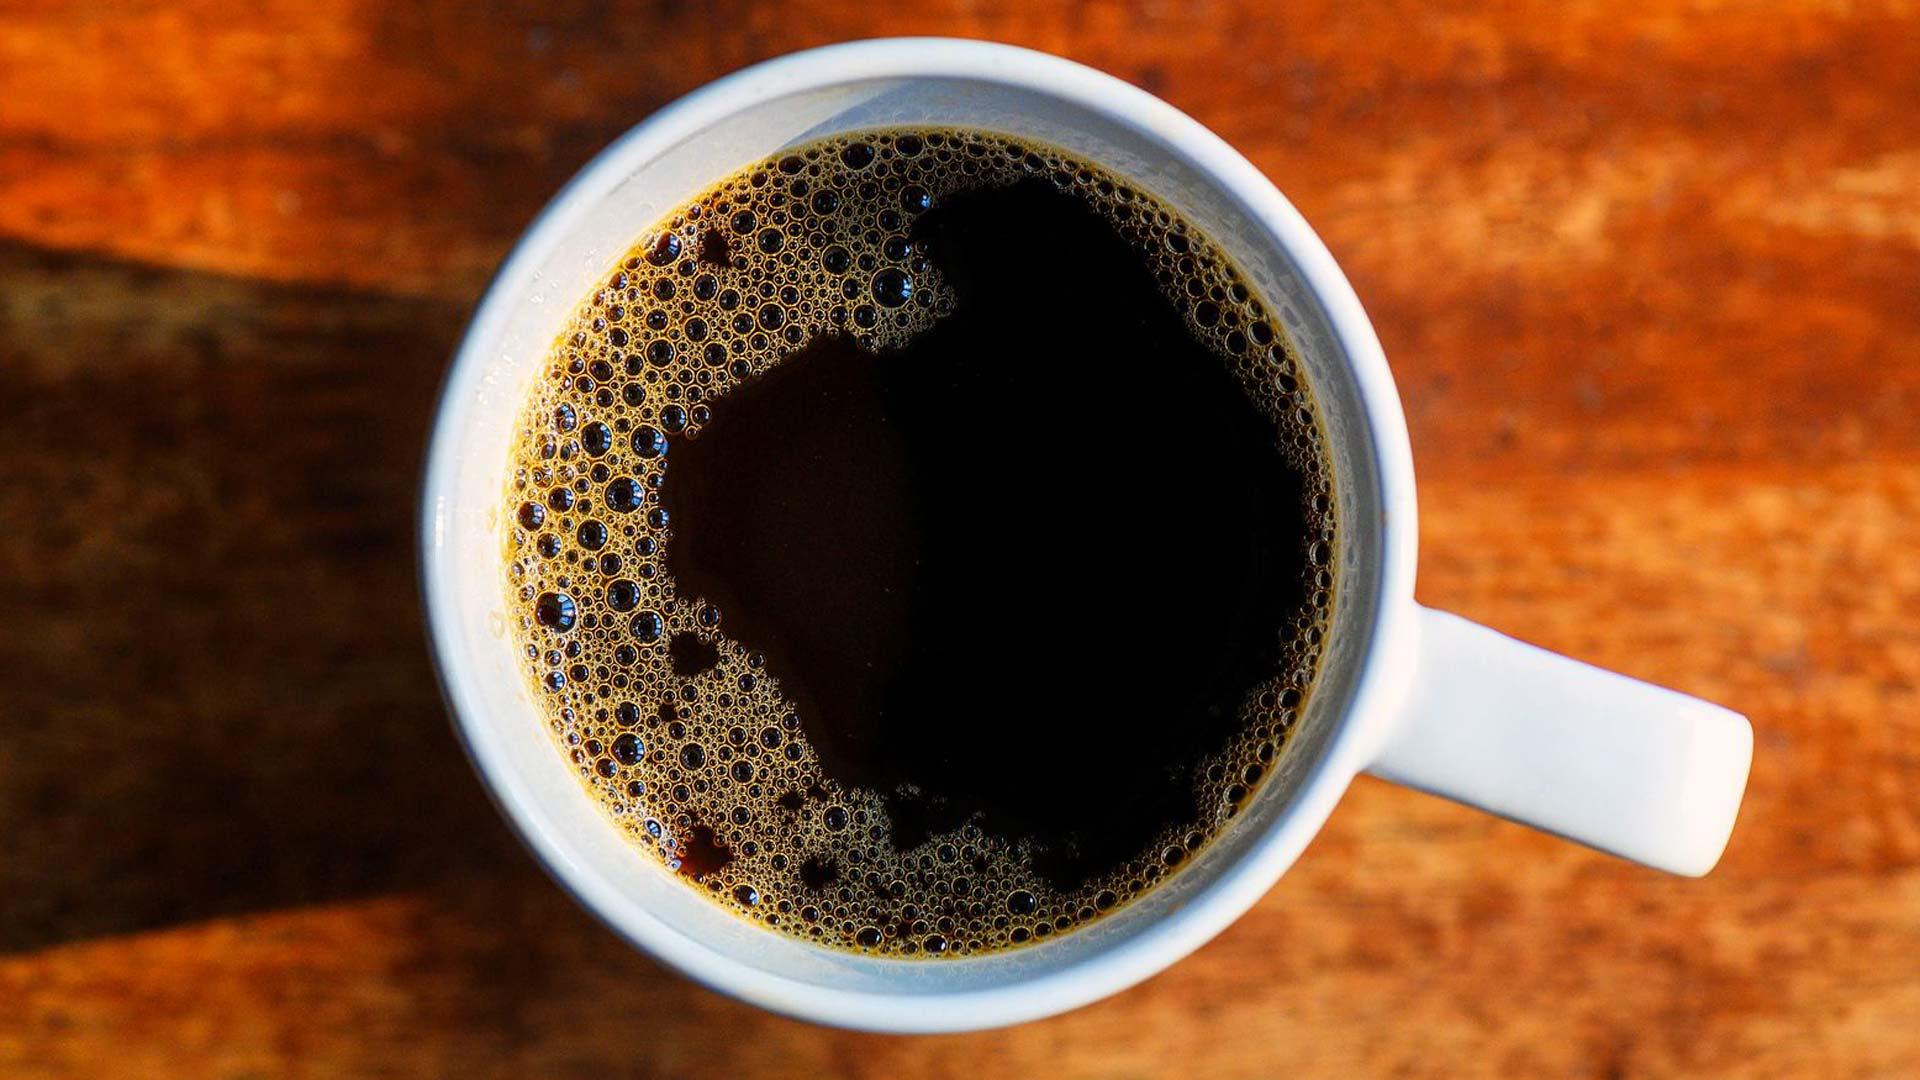 Kahvin tiedetään jonkin verran parantavan ruoansulatusta ja vähentävän sokerien imeytymistä suolistossa.